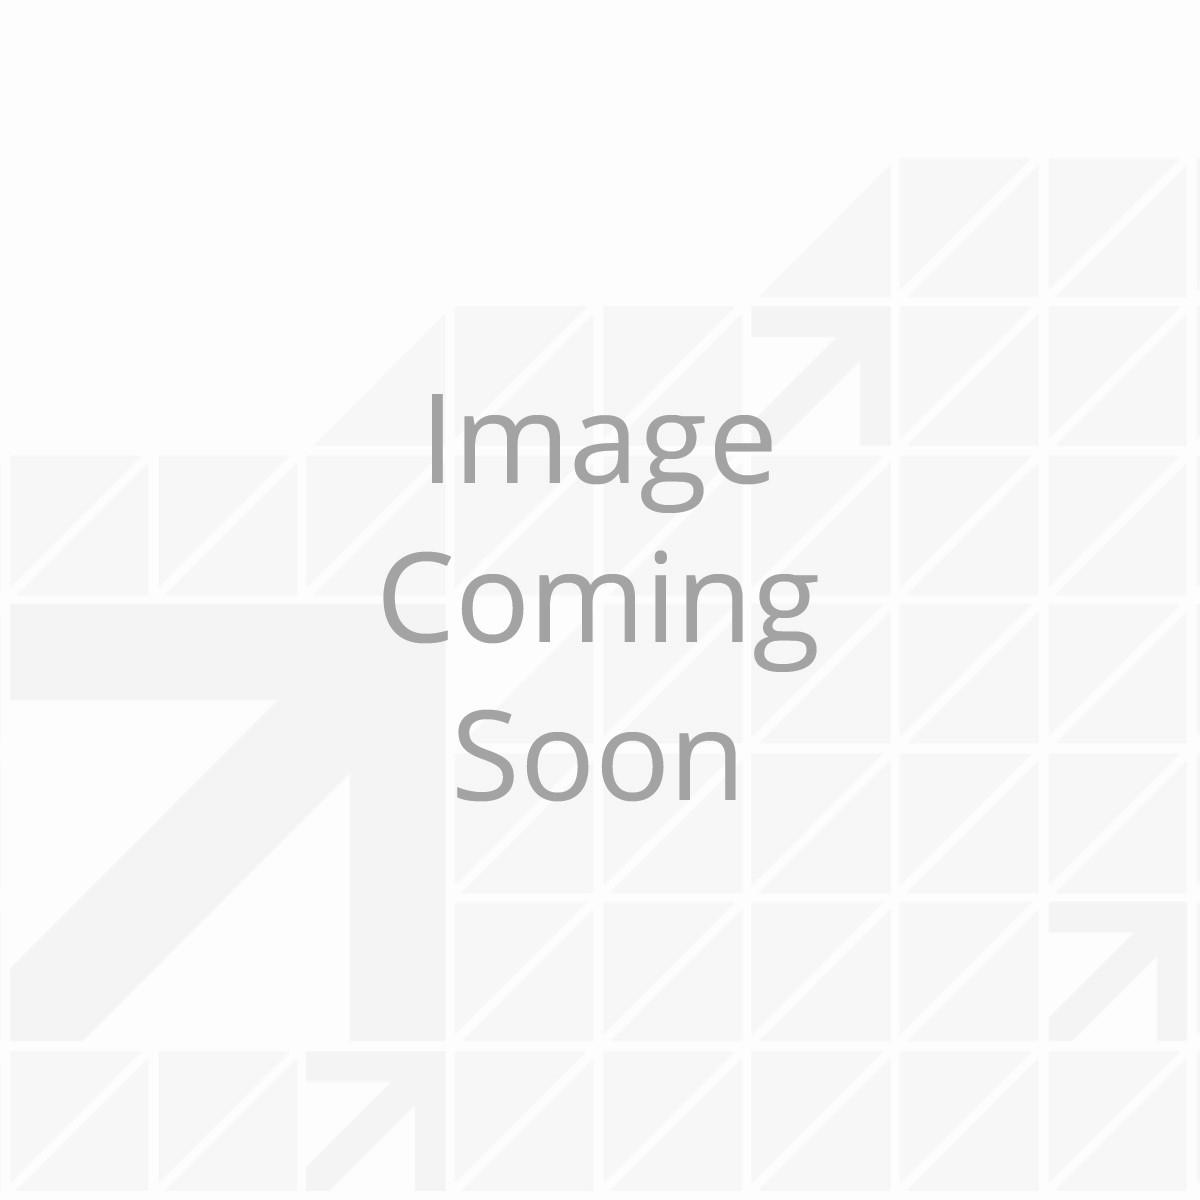 axle_126460